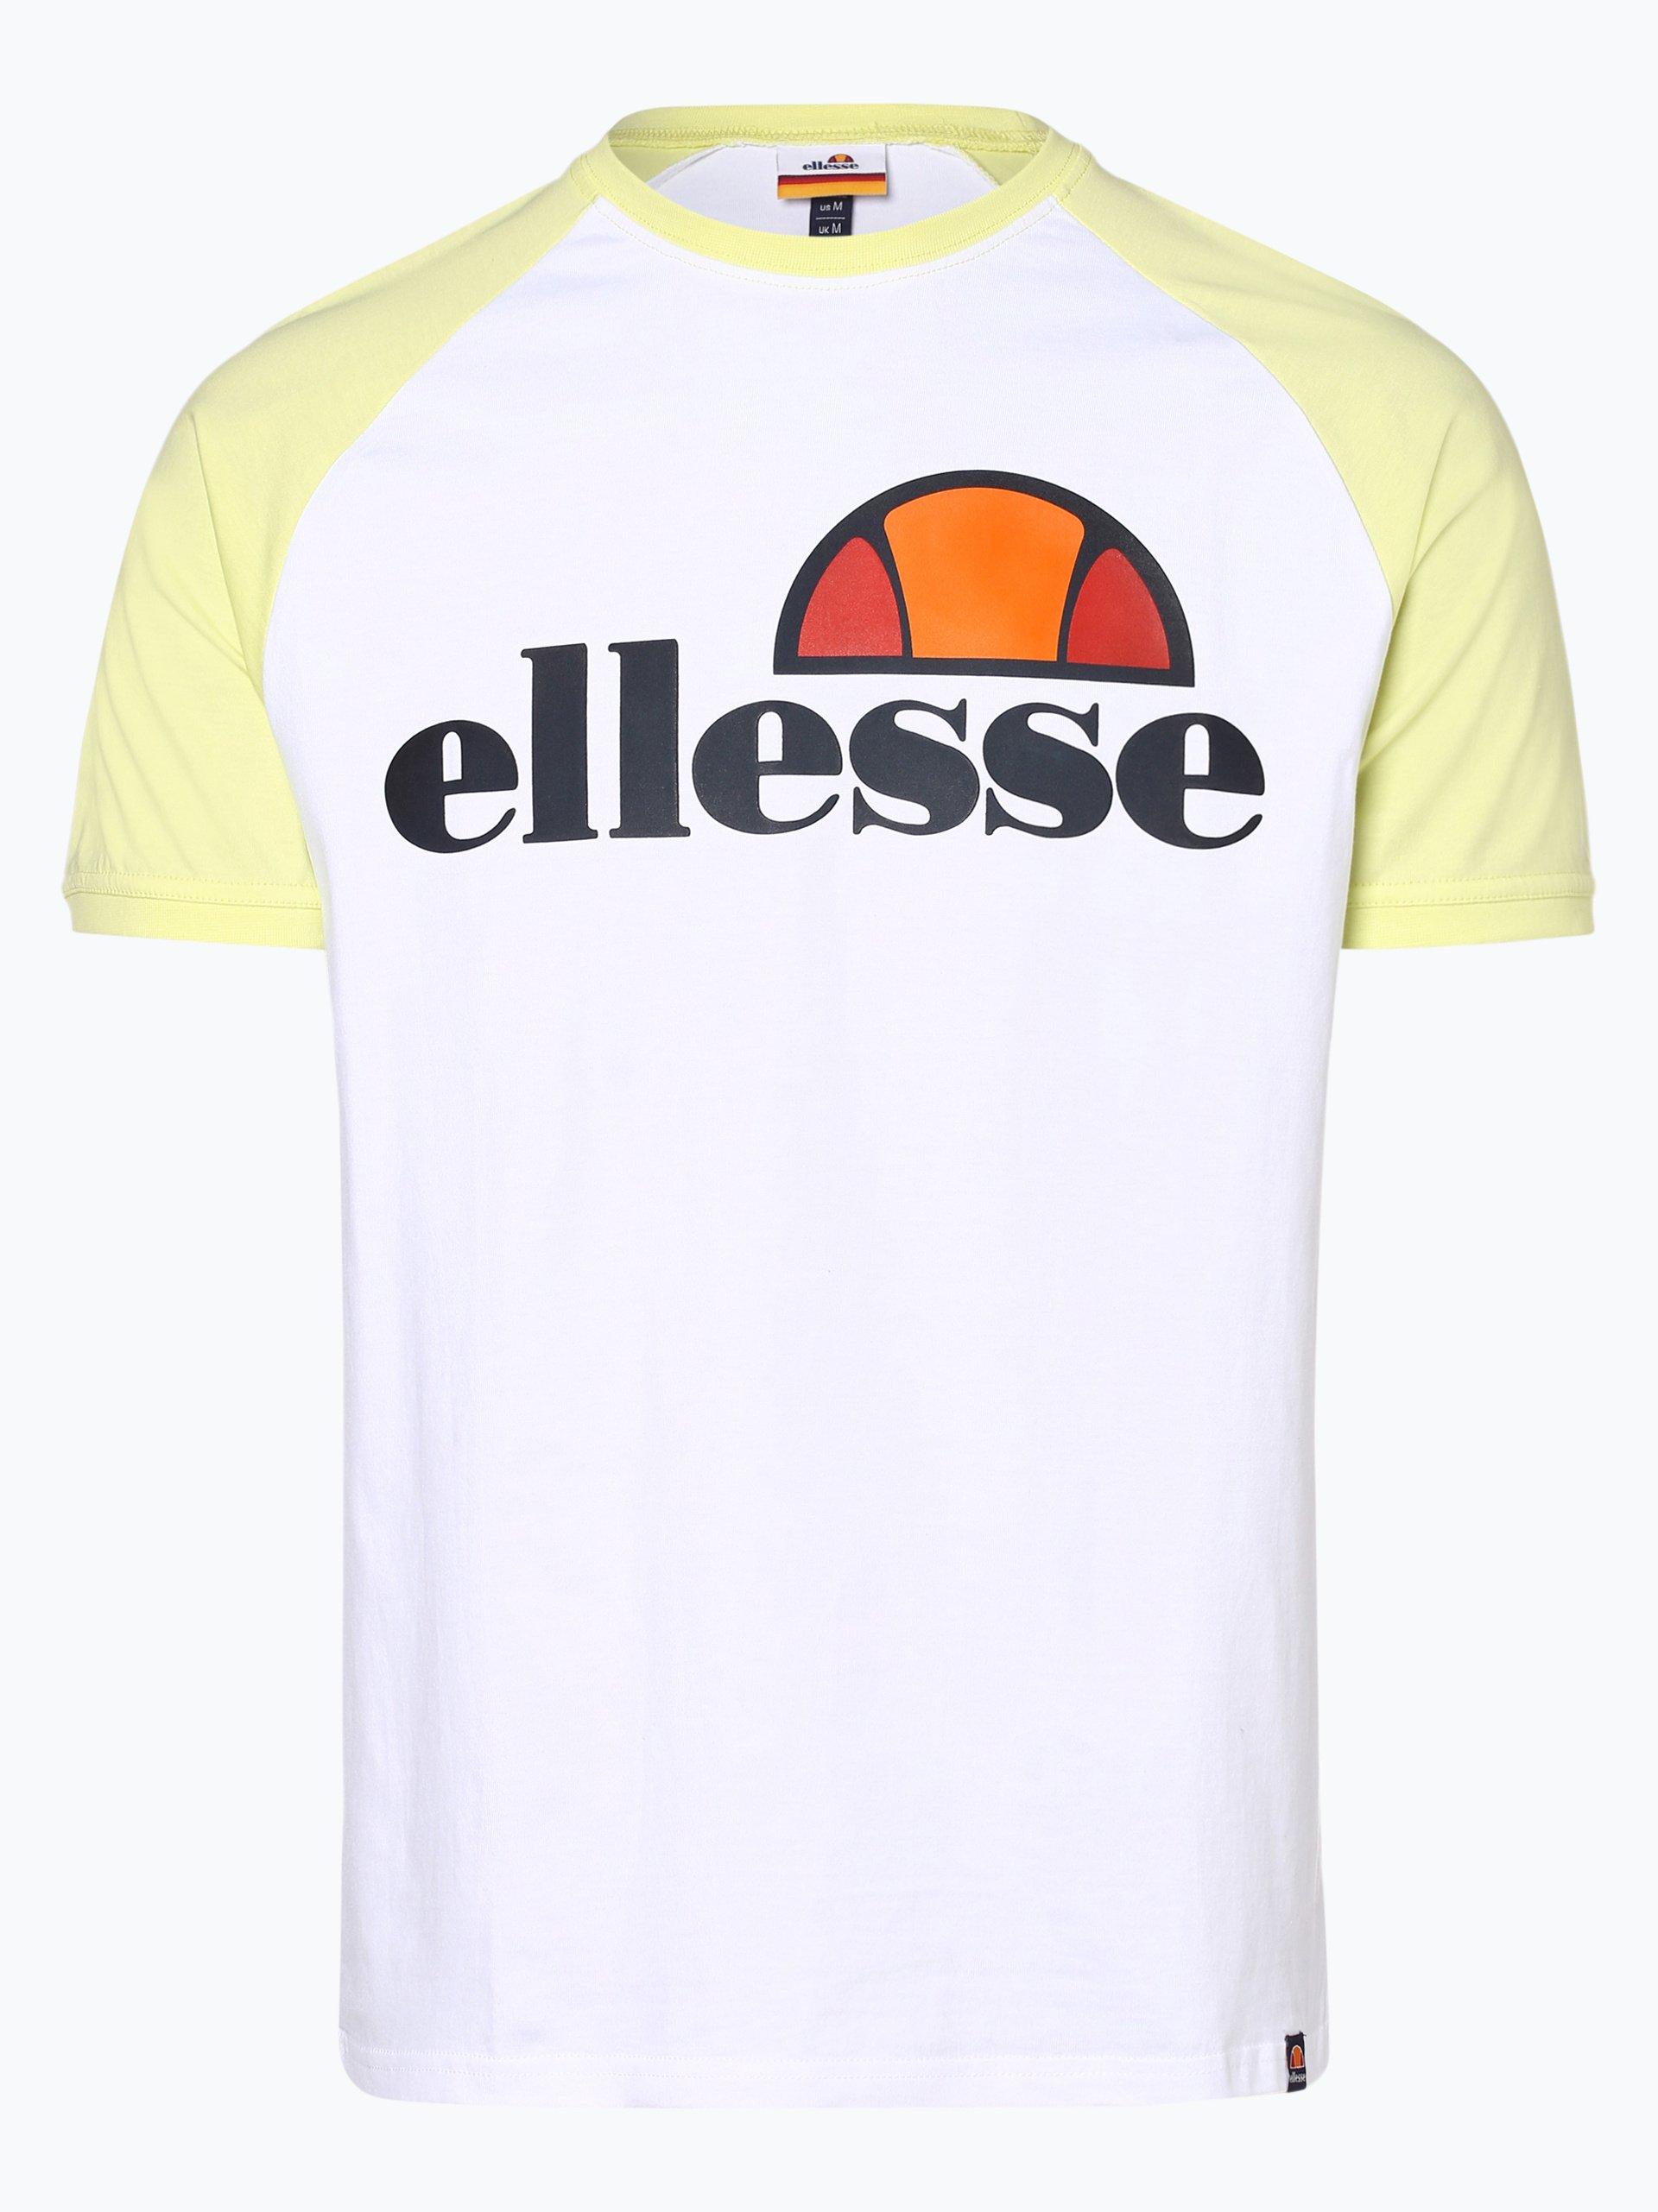 ellesse Herren T-Shirt - Cassina